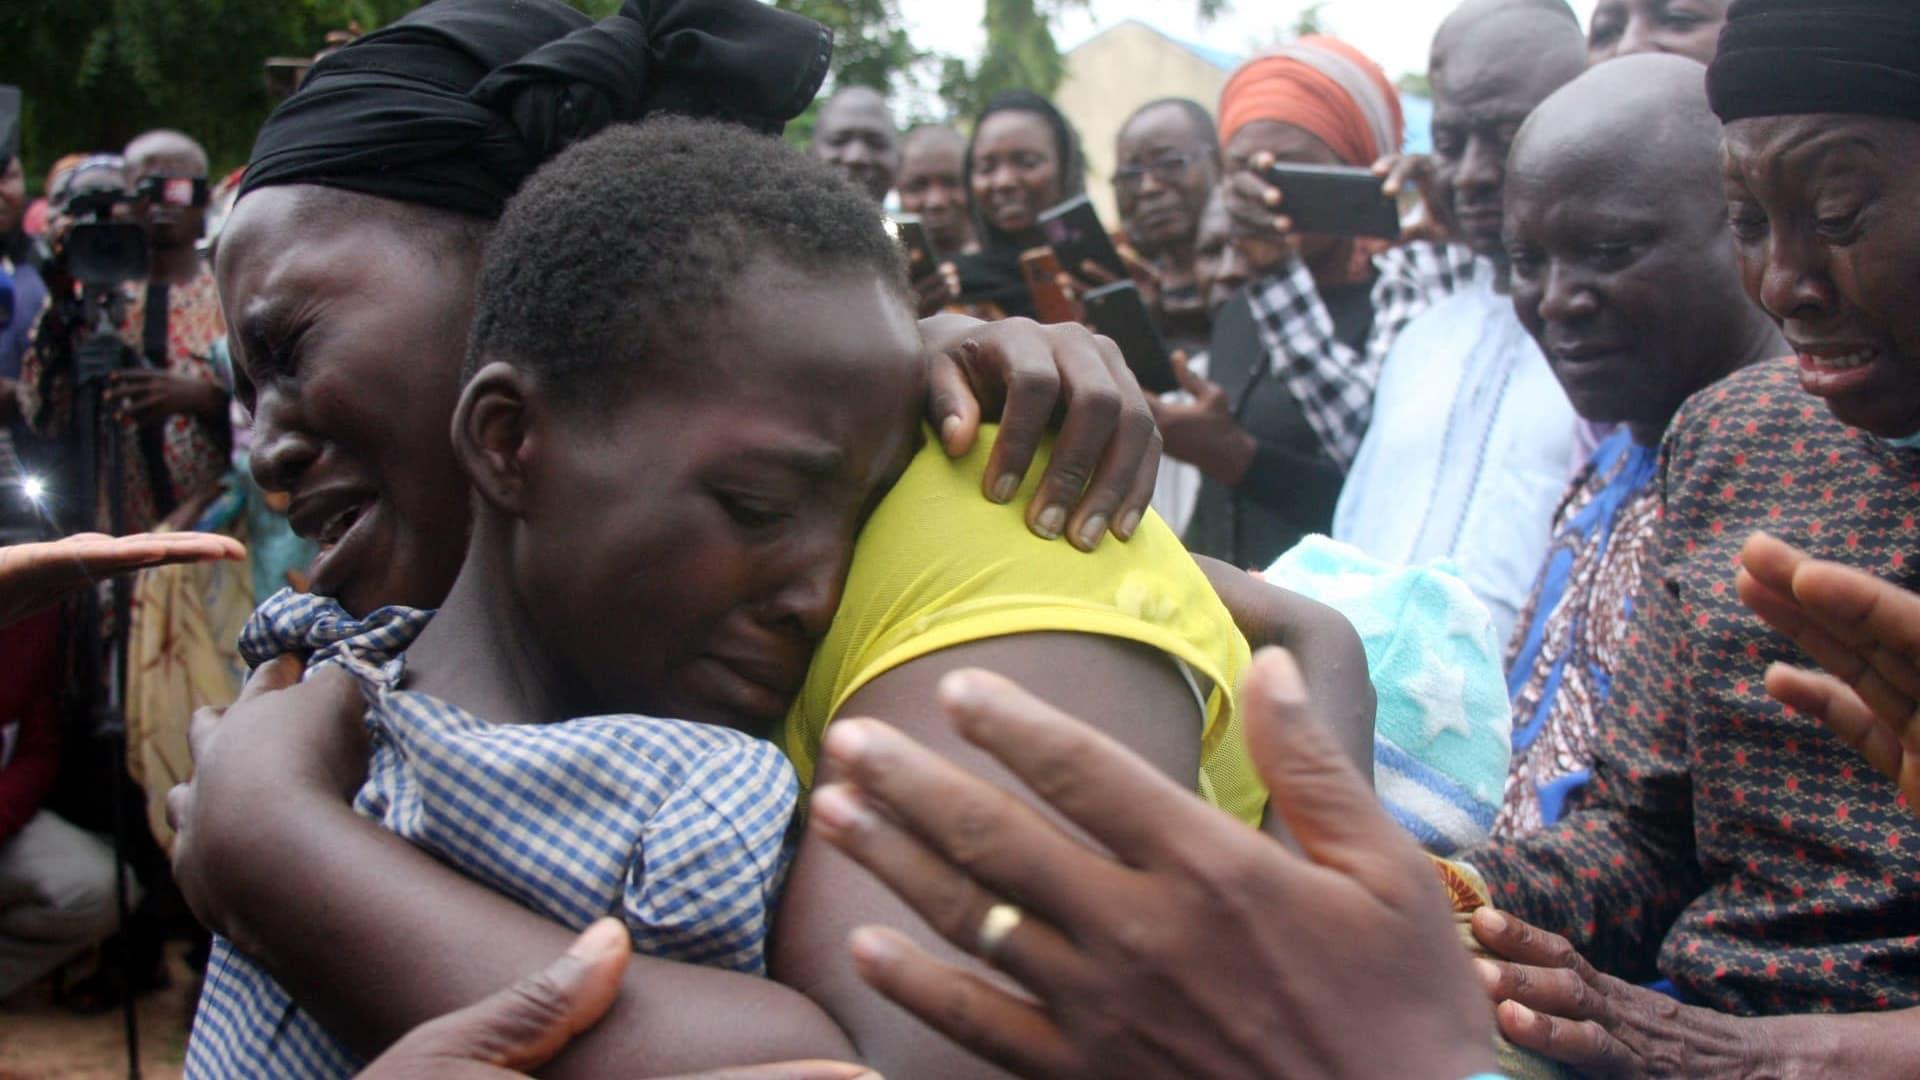 Nigeriassa on vapautettu 28 kaapattua oppilasta